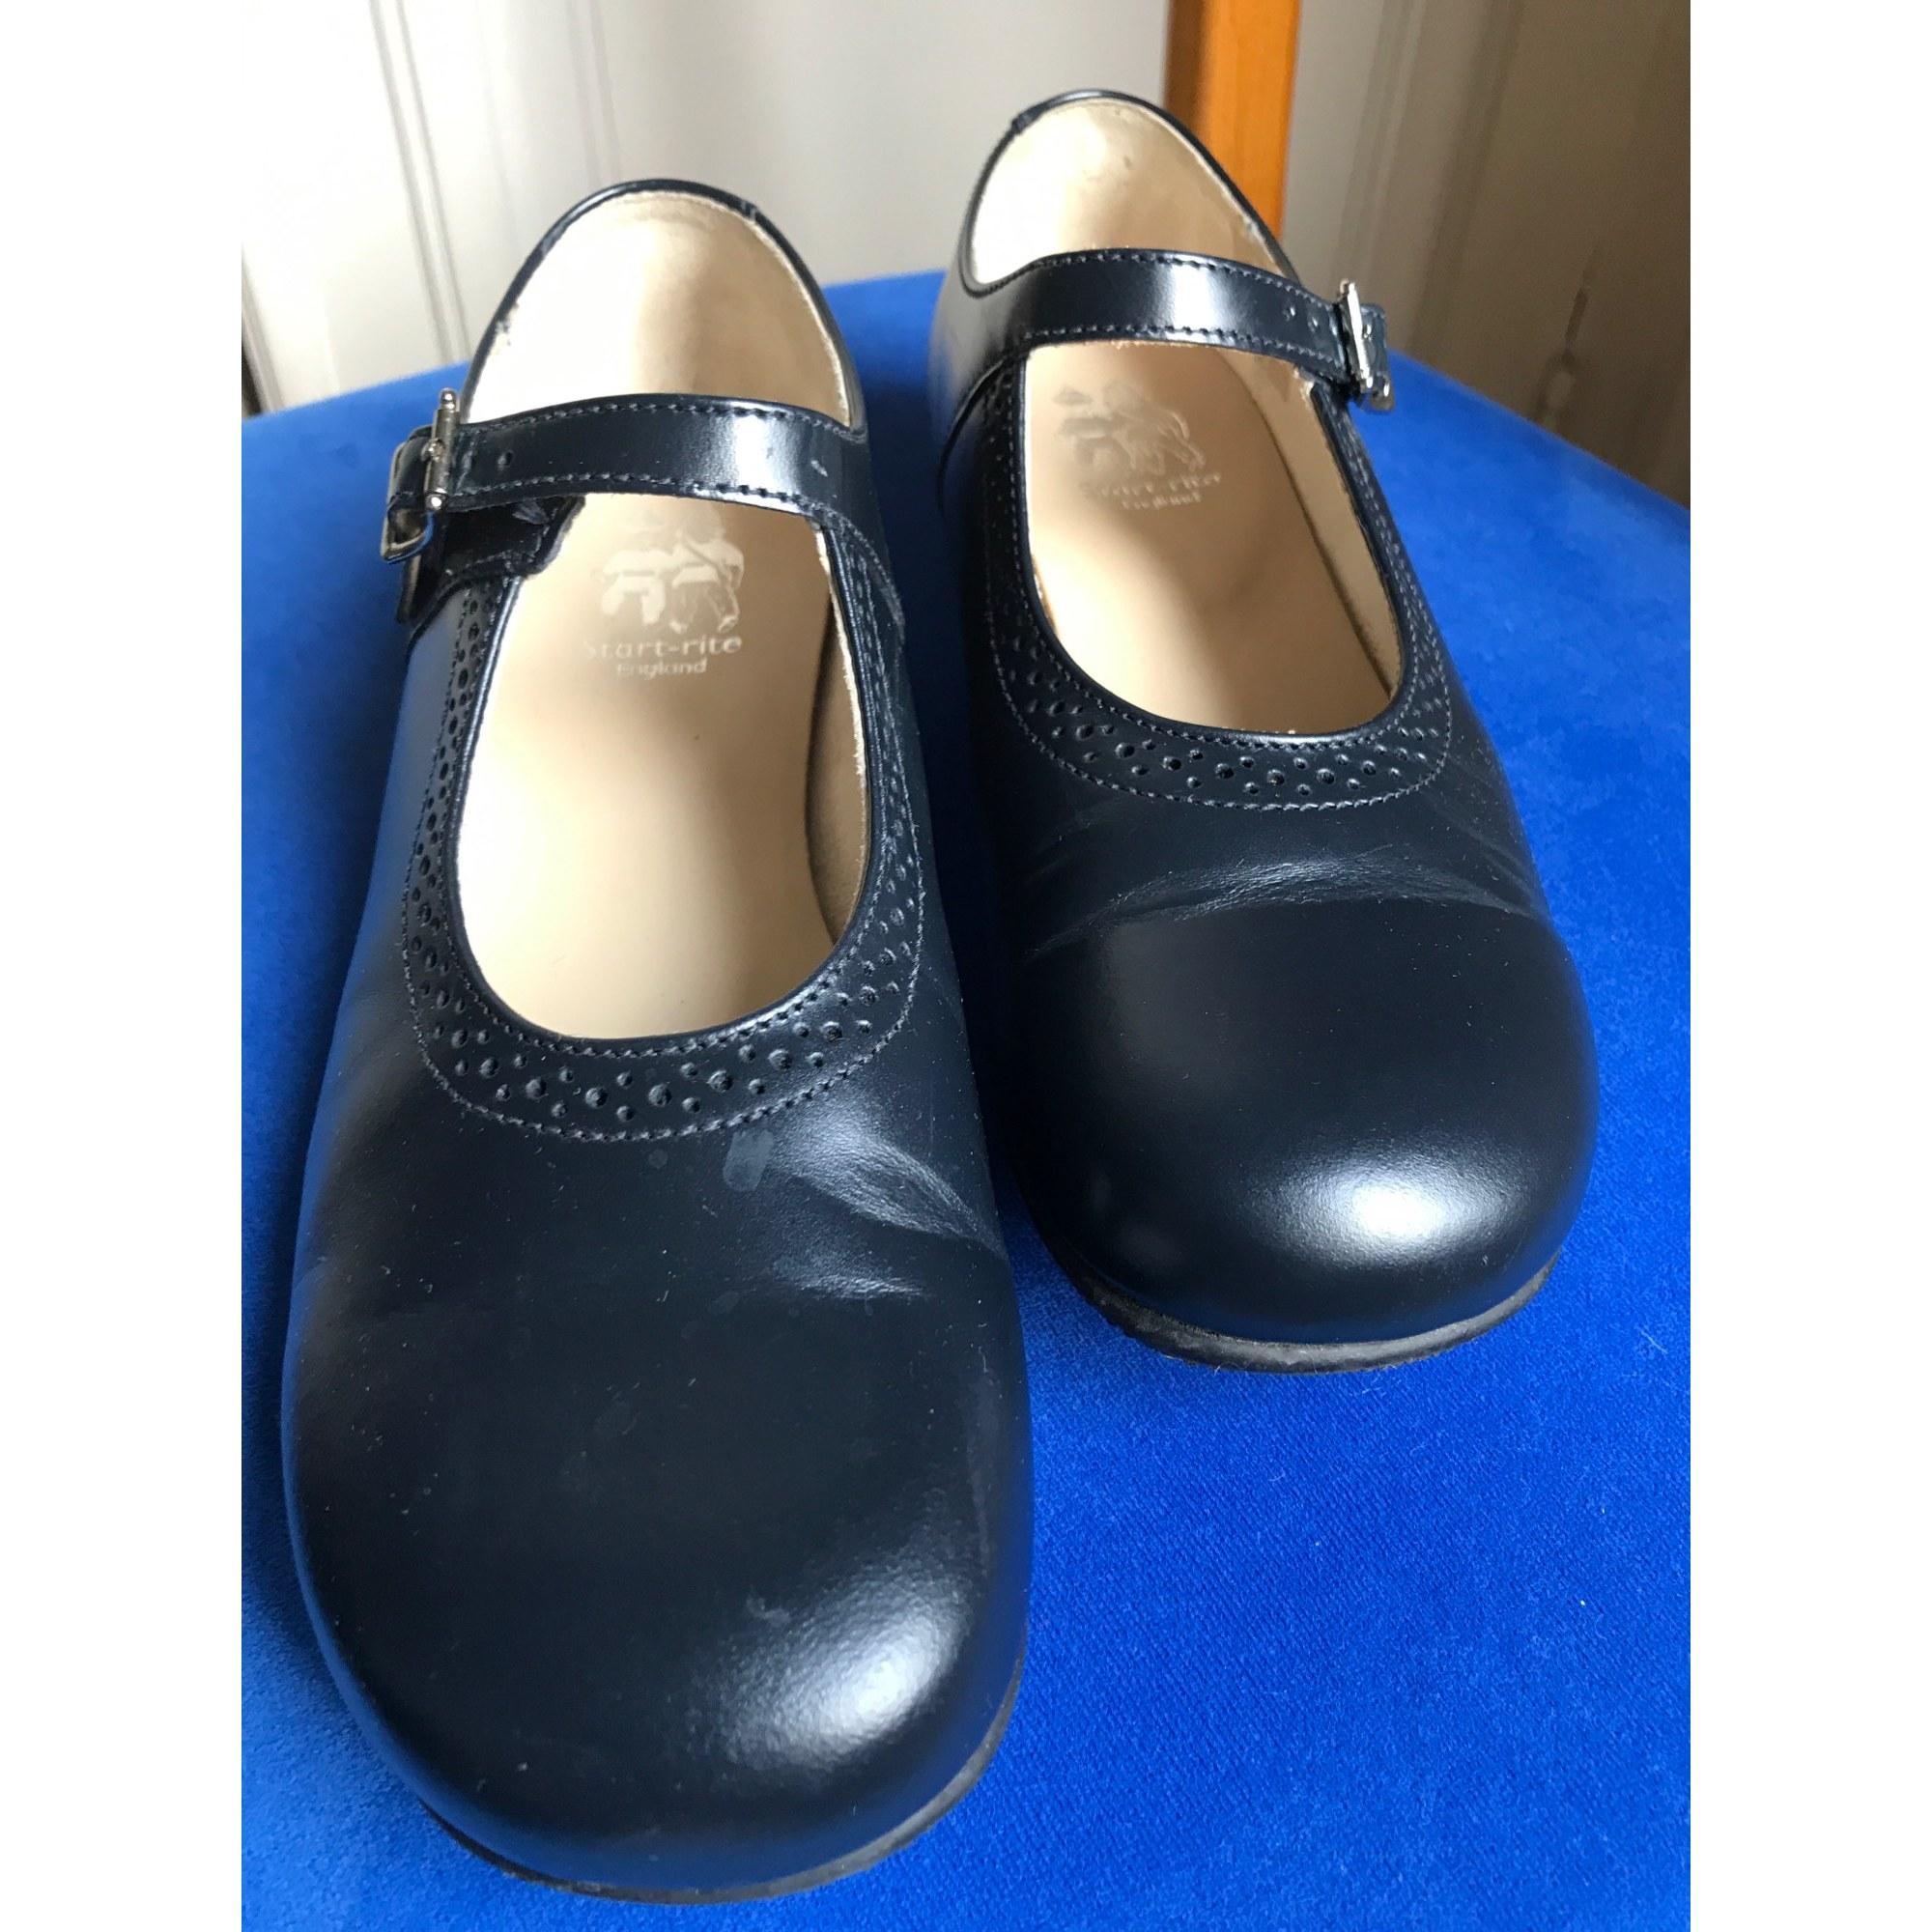 Chaussures à boucle START RITE Bleu, bleu marine, bleu turquoise